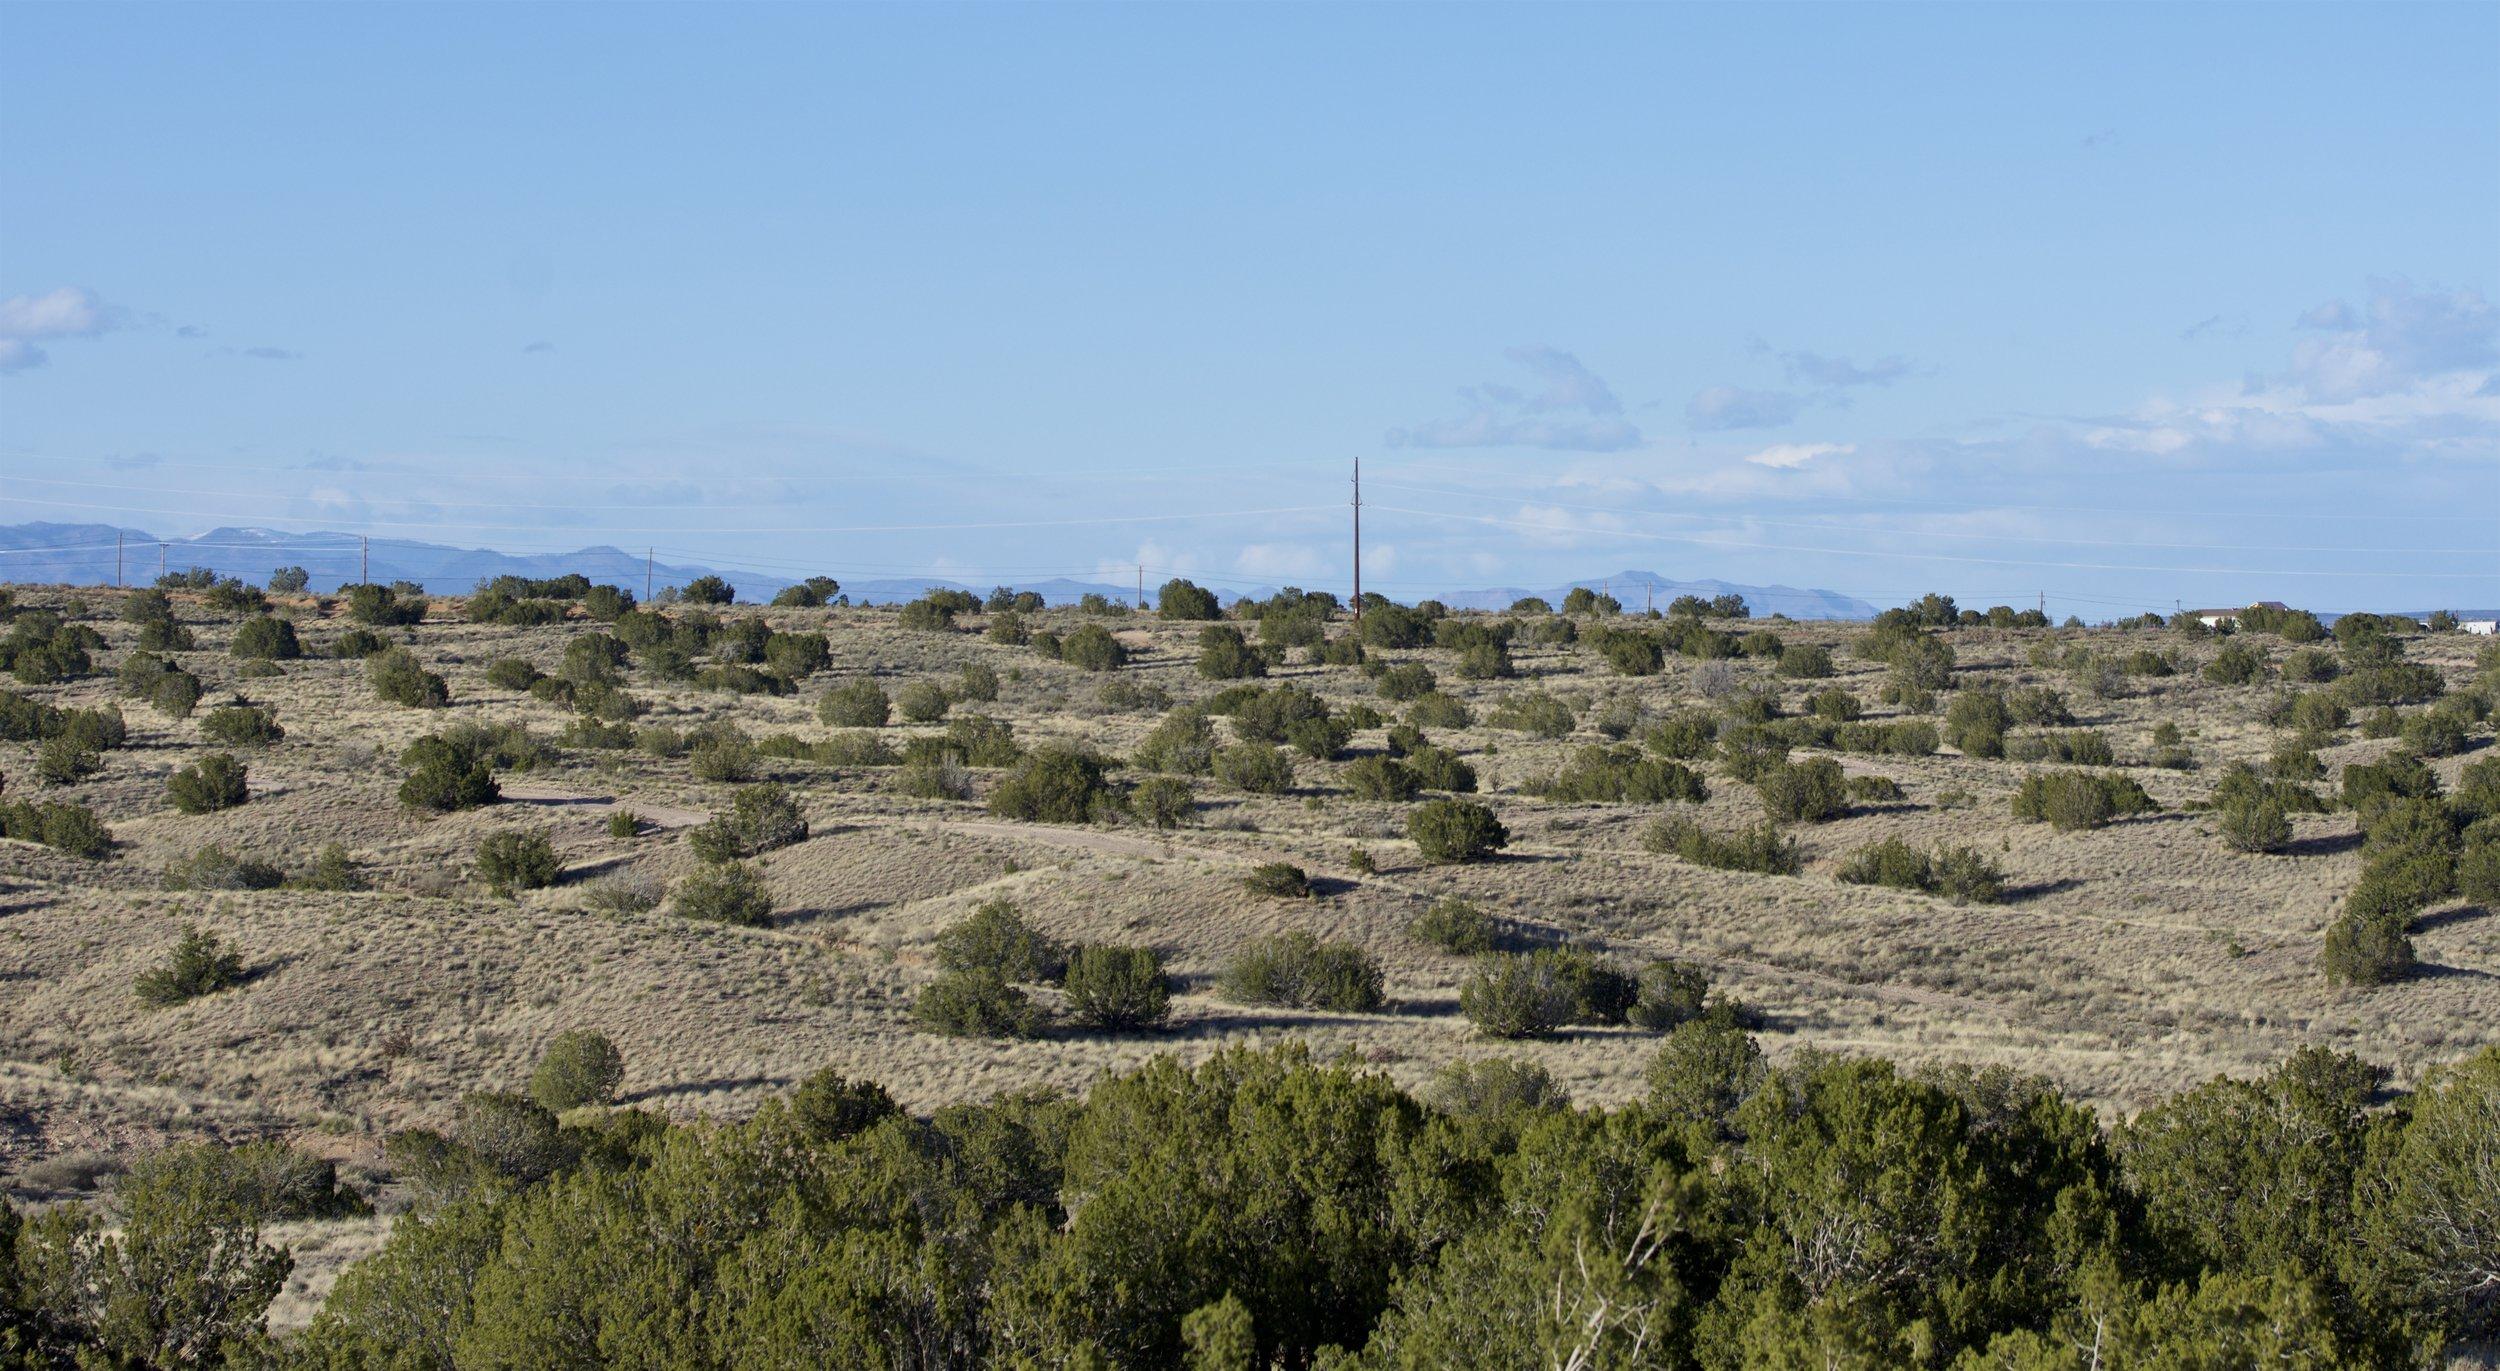 SNNM-2231-rio-rancho-125722.jpg